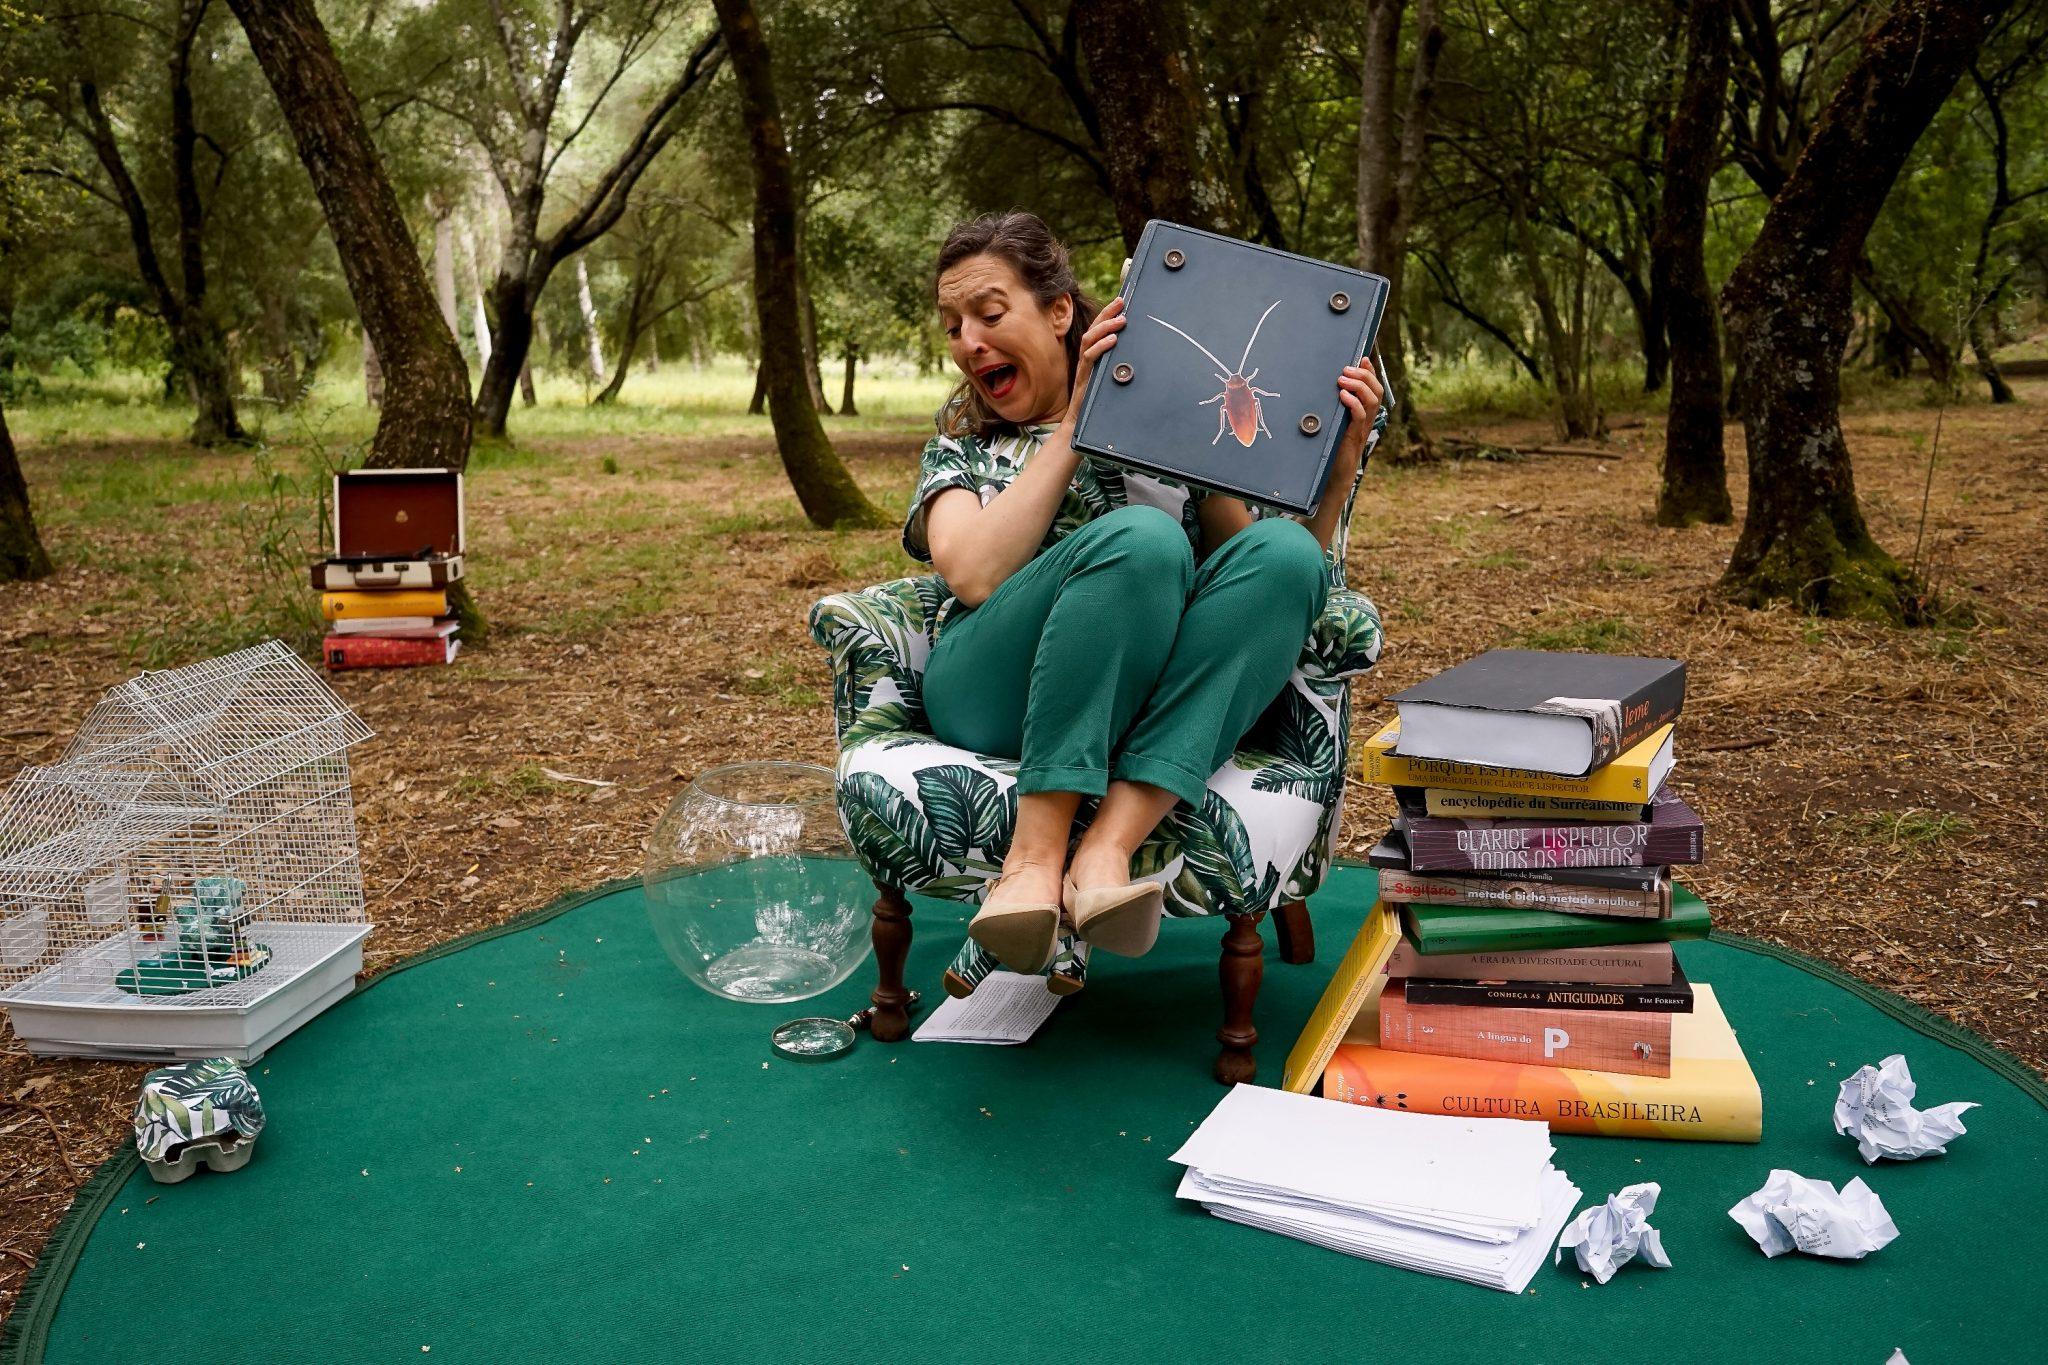 Mulher sentada numa cadeira, num jardim, com pernas levantadas a gritar assustada. A cadeira está por cima de um tapete verde e tem, do lado direito do observador, uma pilha de livros, e, do lado esquerdo, um aquário vazio